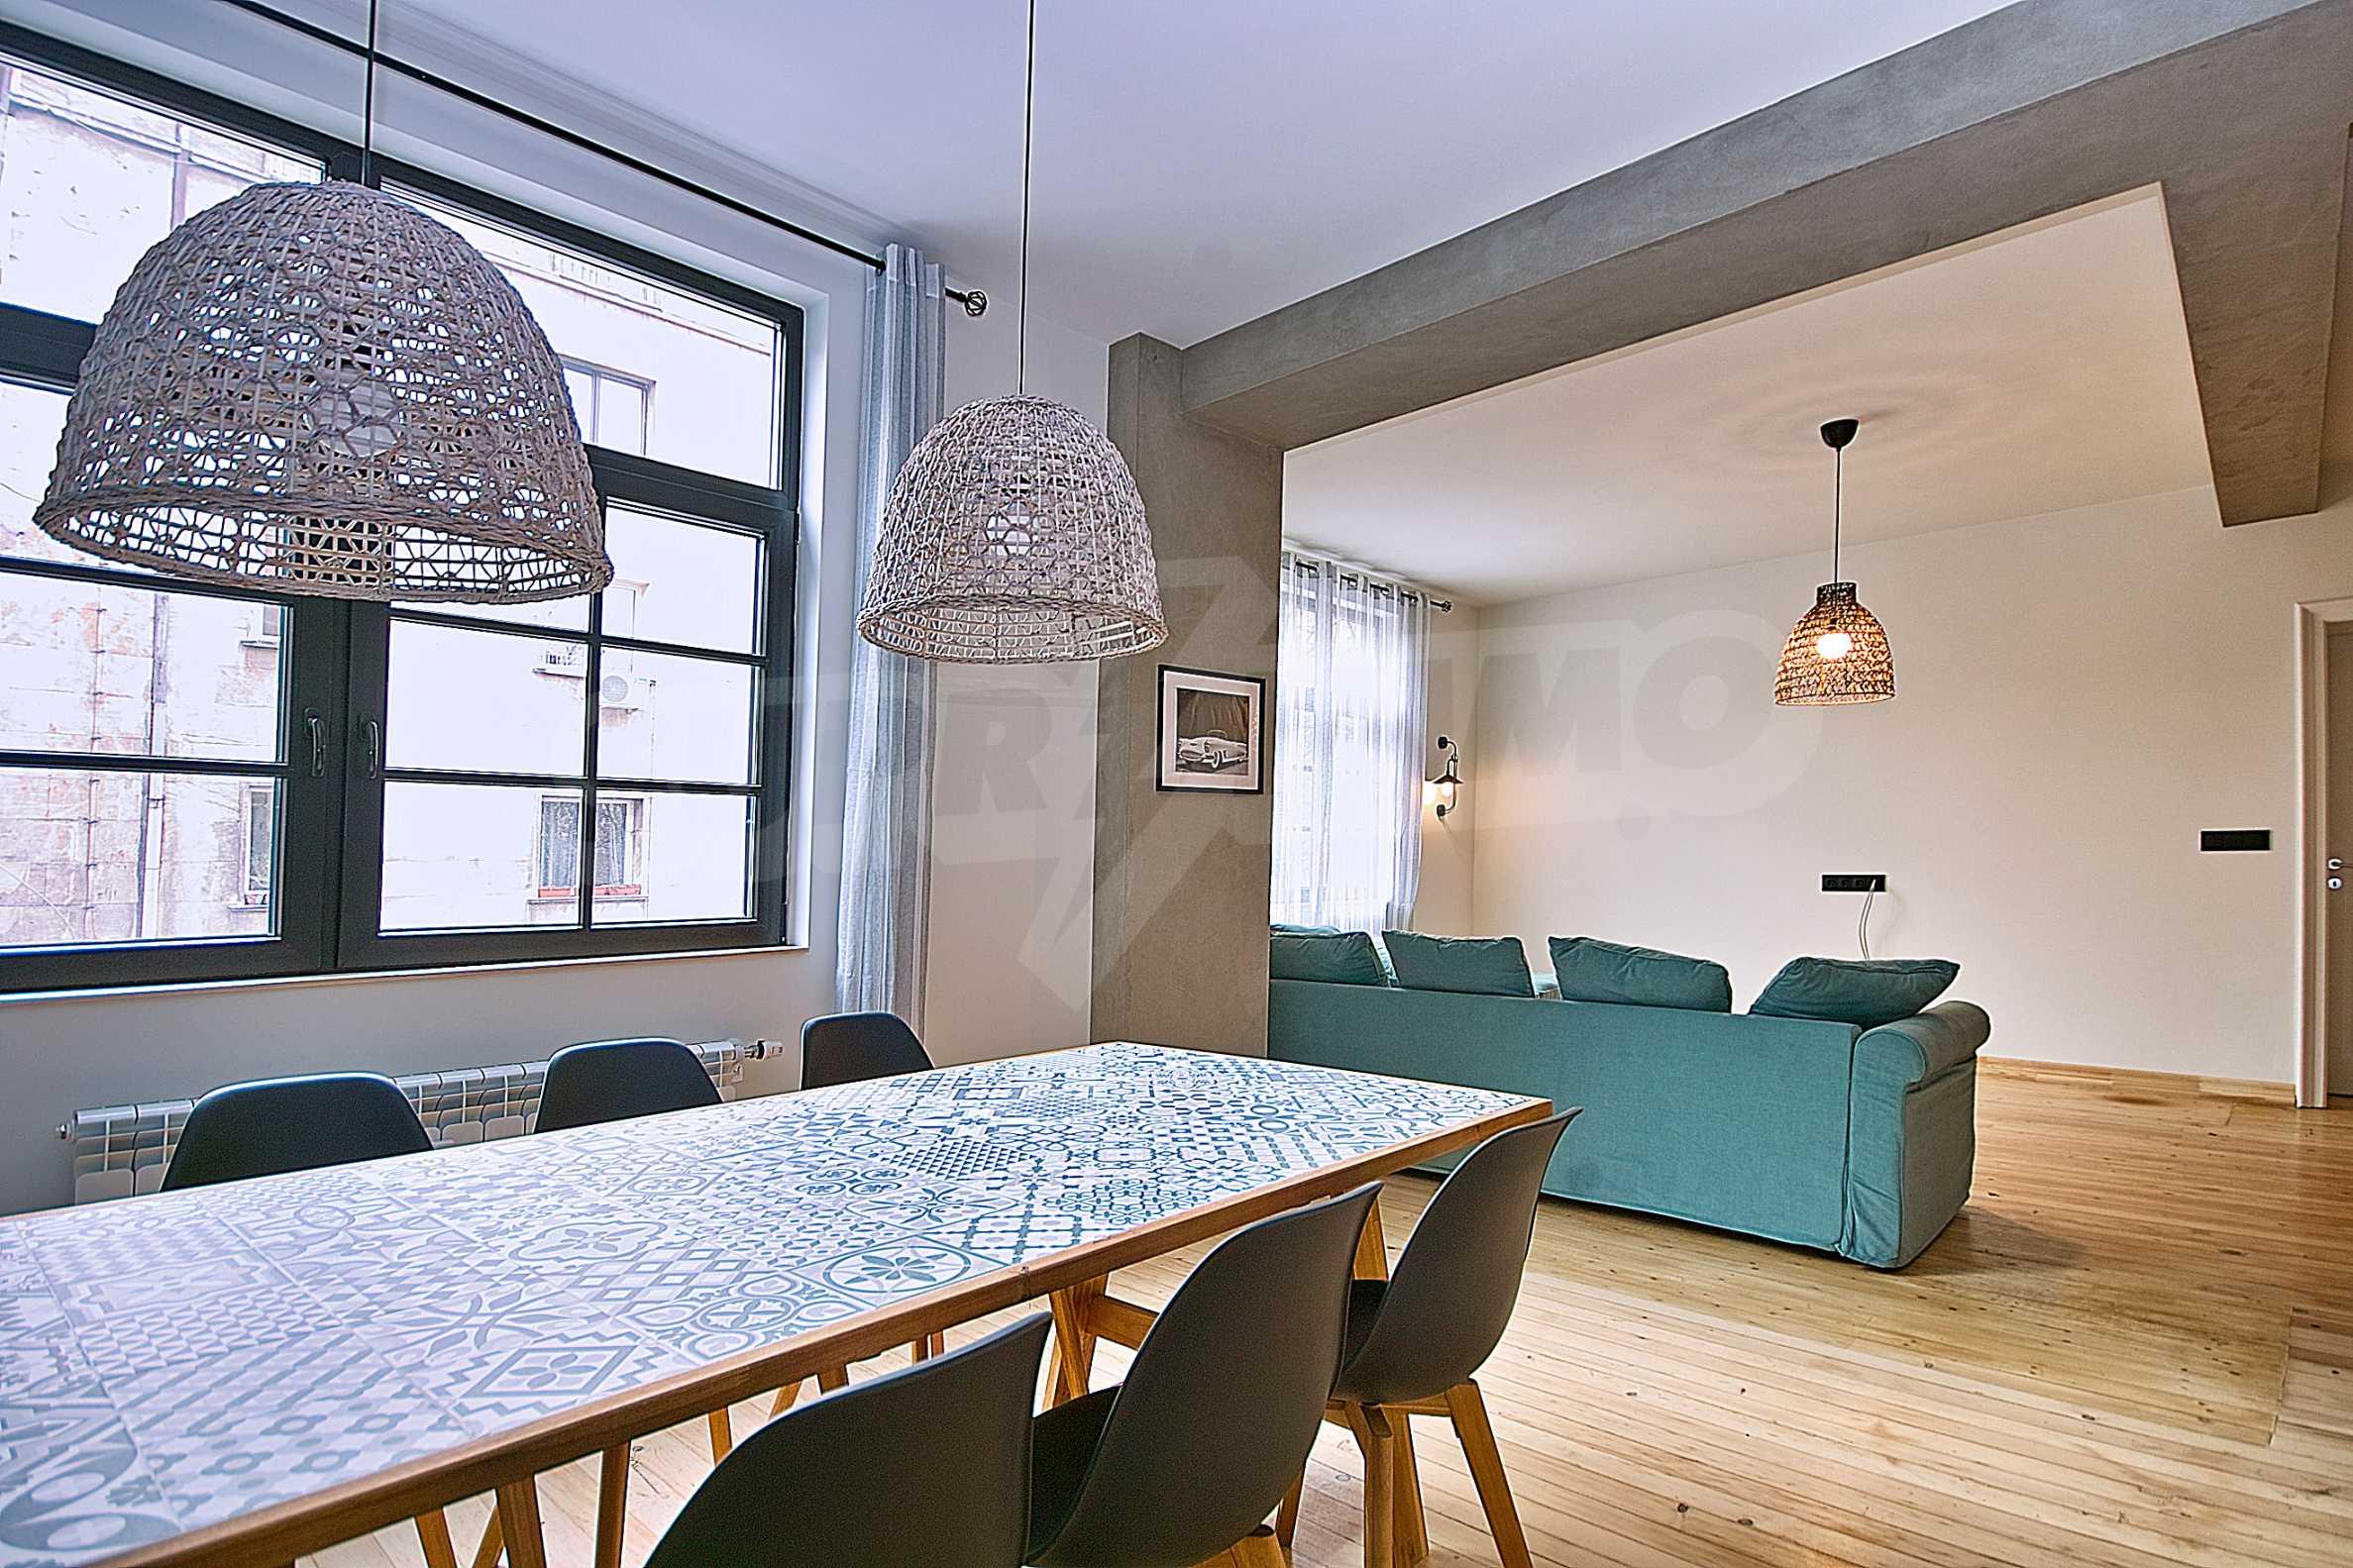 Möblierte Wohnung mit zwei Schlafzimmern in der Mitte 6